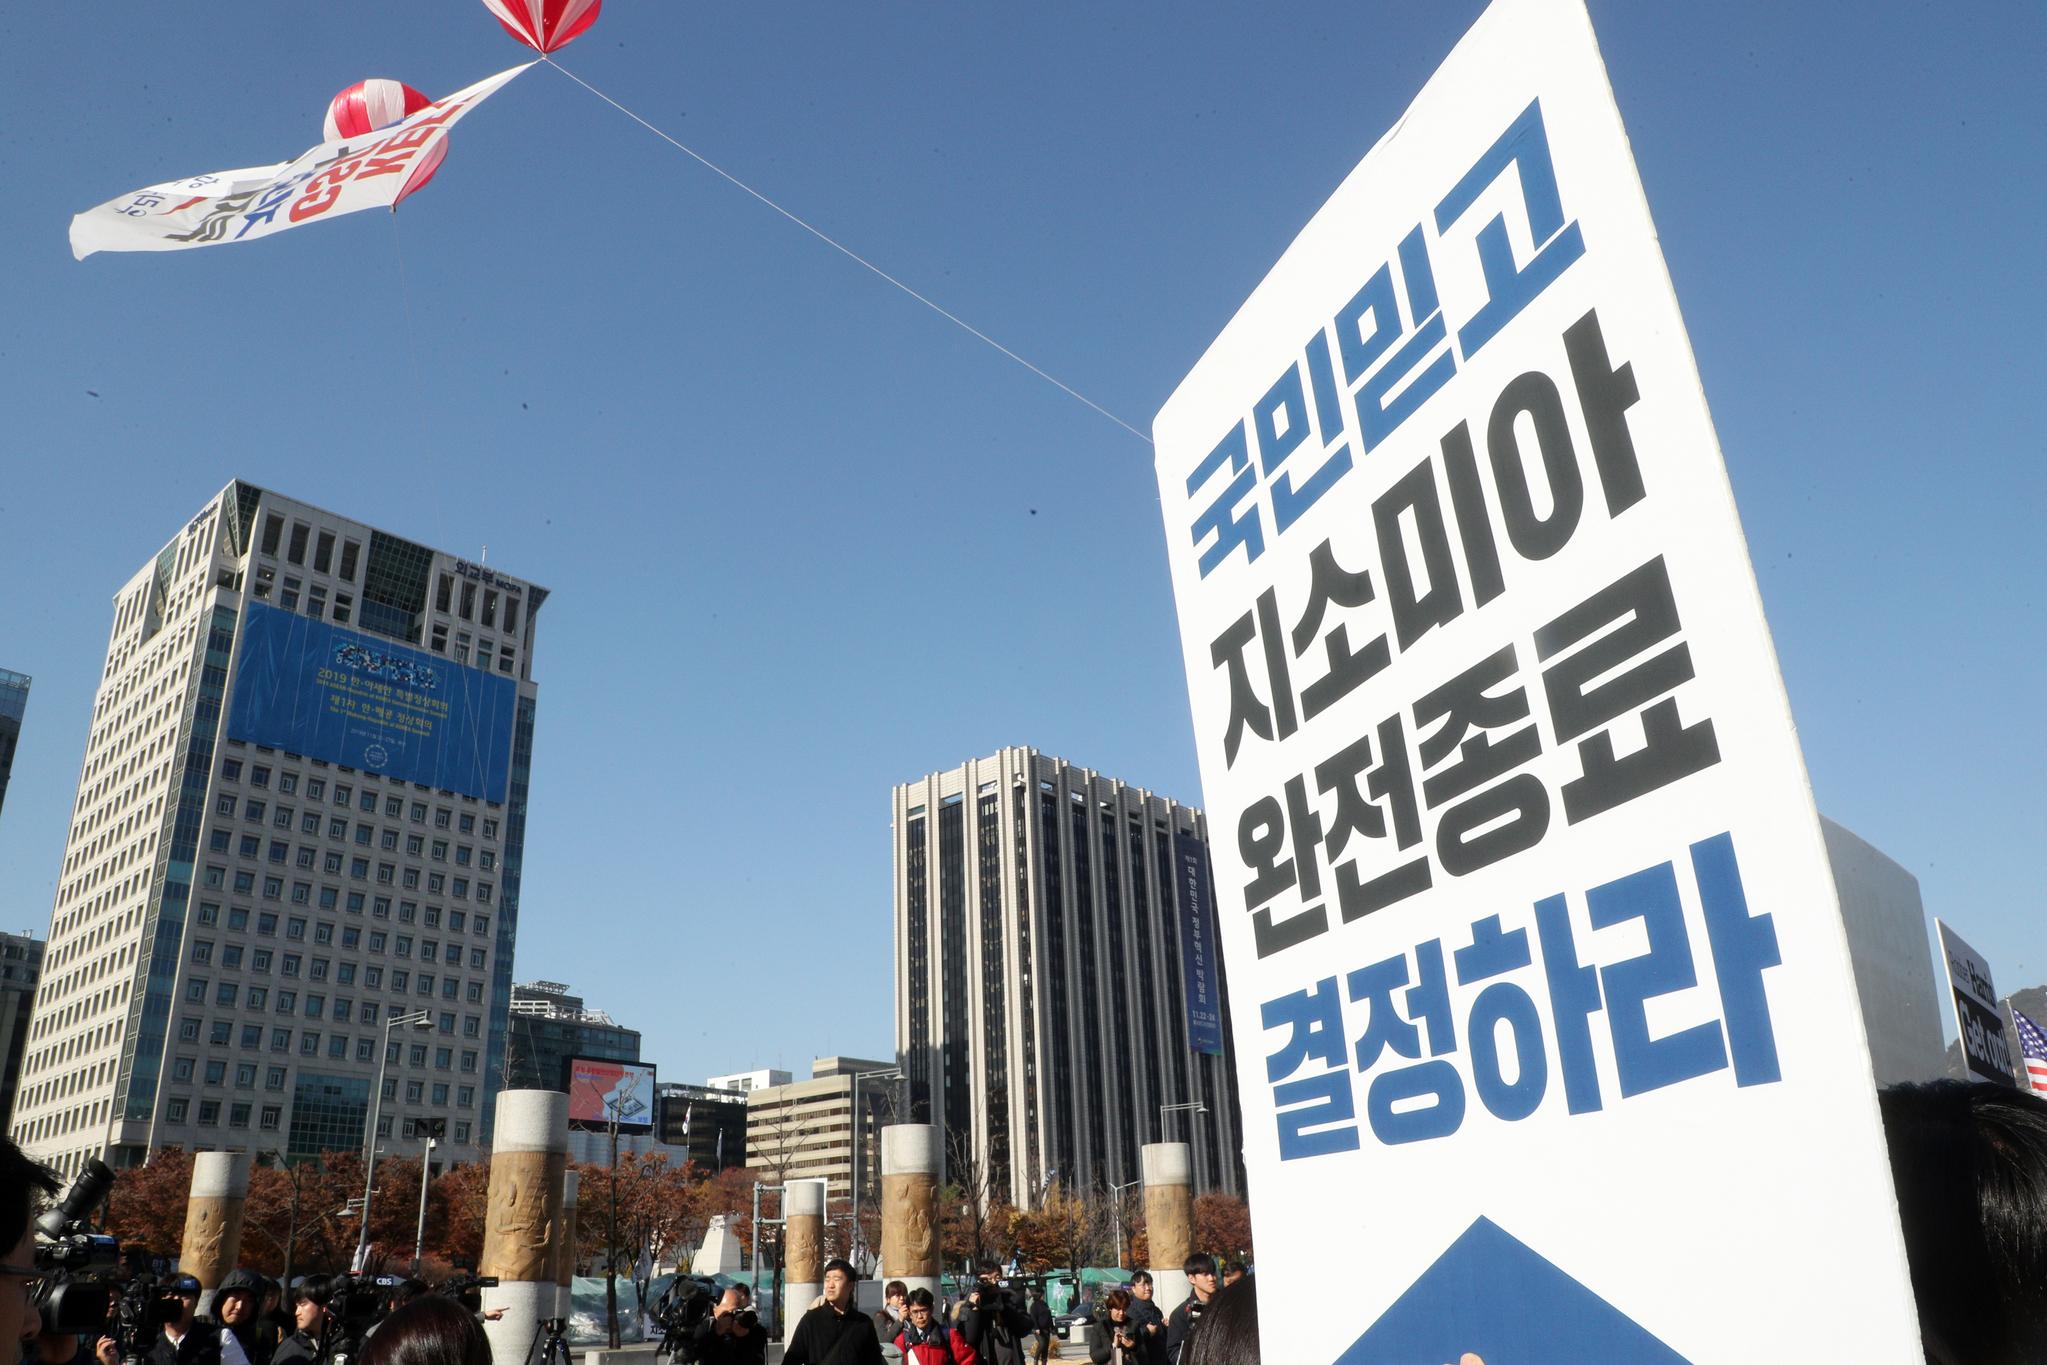 아베규탄시민행동 회원들이 지난 22일 오후 서울 광화문 광장에서 손팻말을 들고 지소미아 폐기를 촉구하는 기자회견을 하고 있다. [뉴스1]